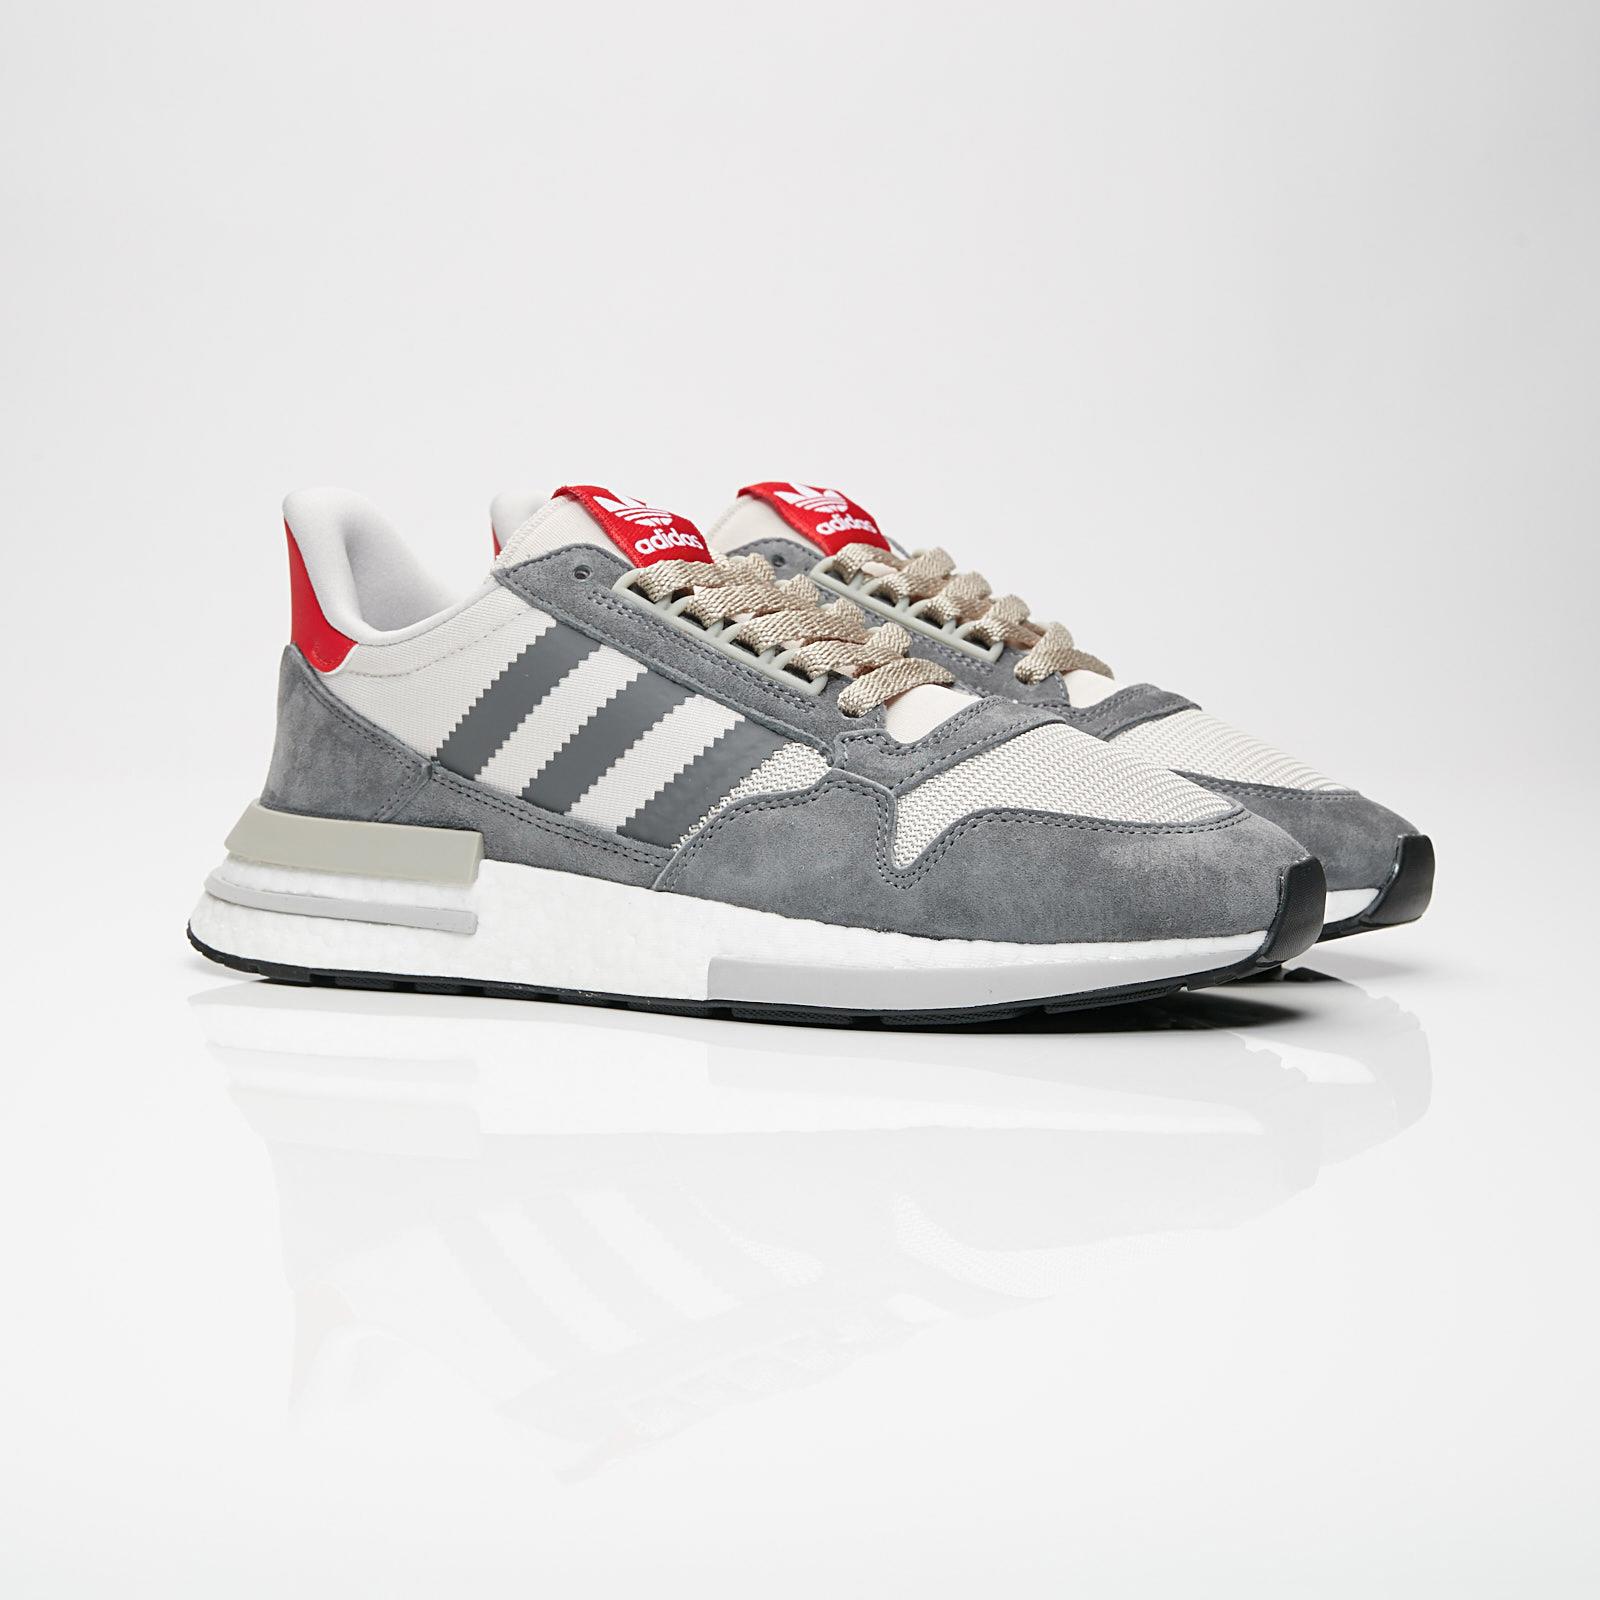 9b376ca0f adidas ZX 500 RM - B42204 - Sneakersnstuff